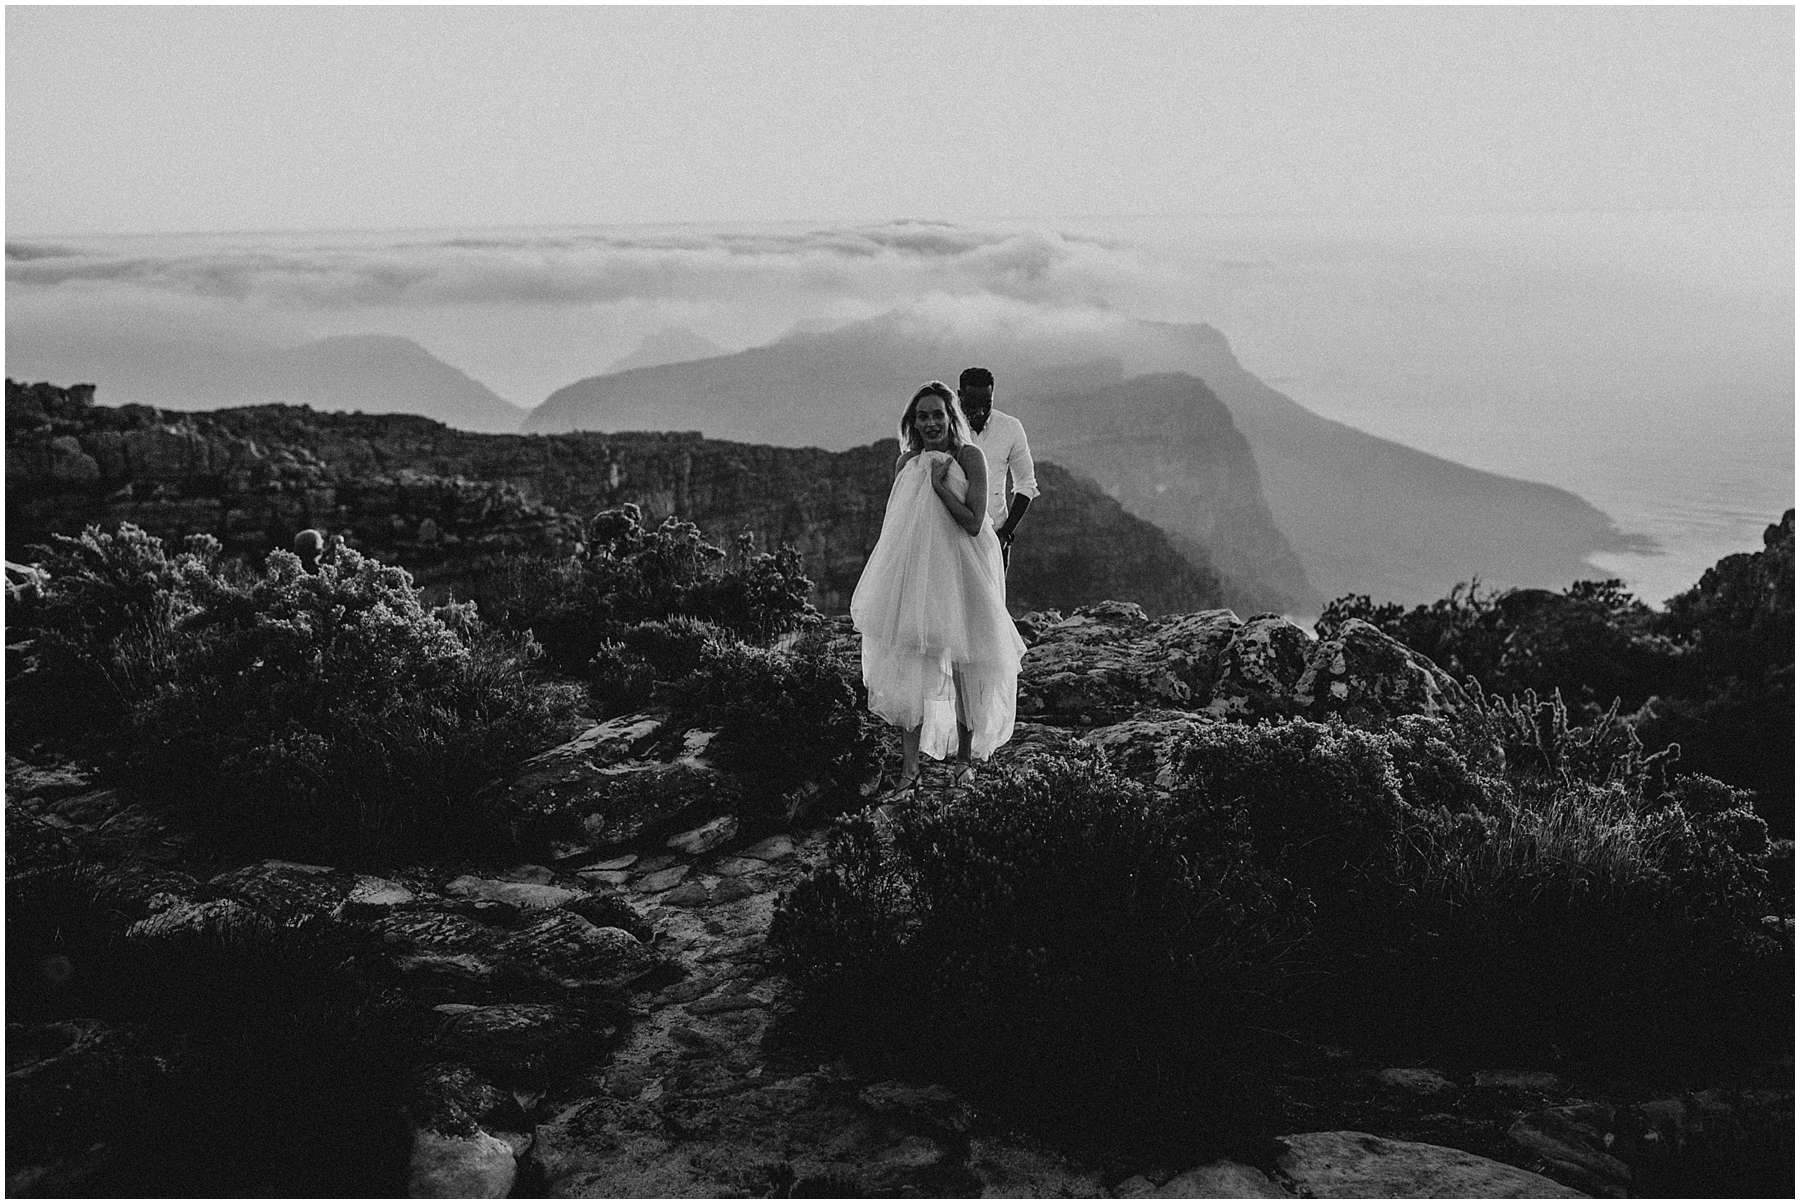 LOTTYH-South-Africa-Elopement-Photographer_0035+.jpg